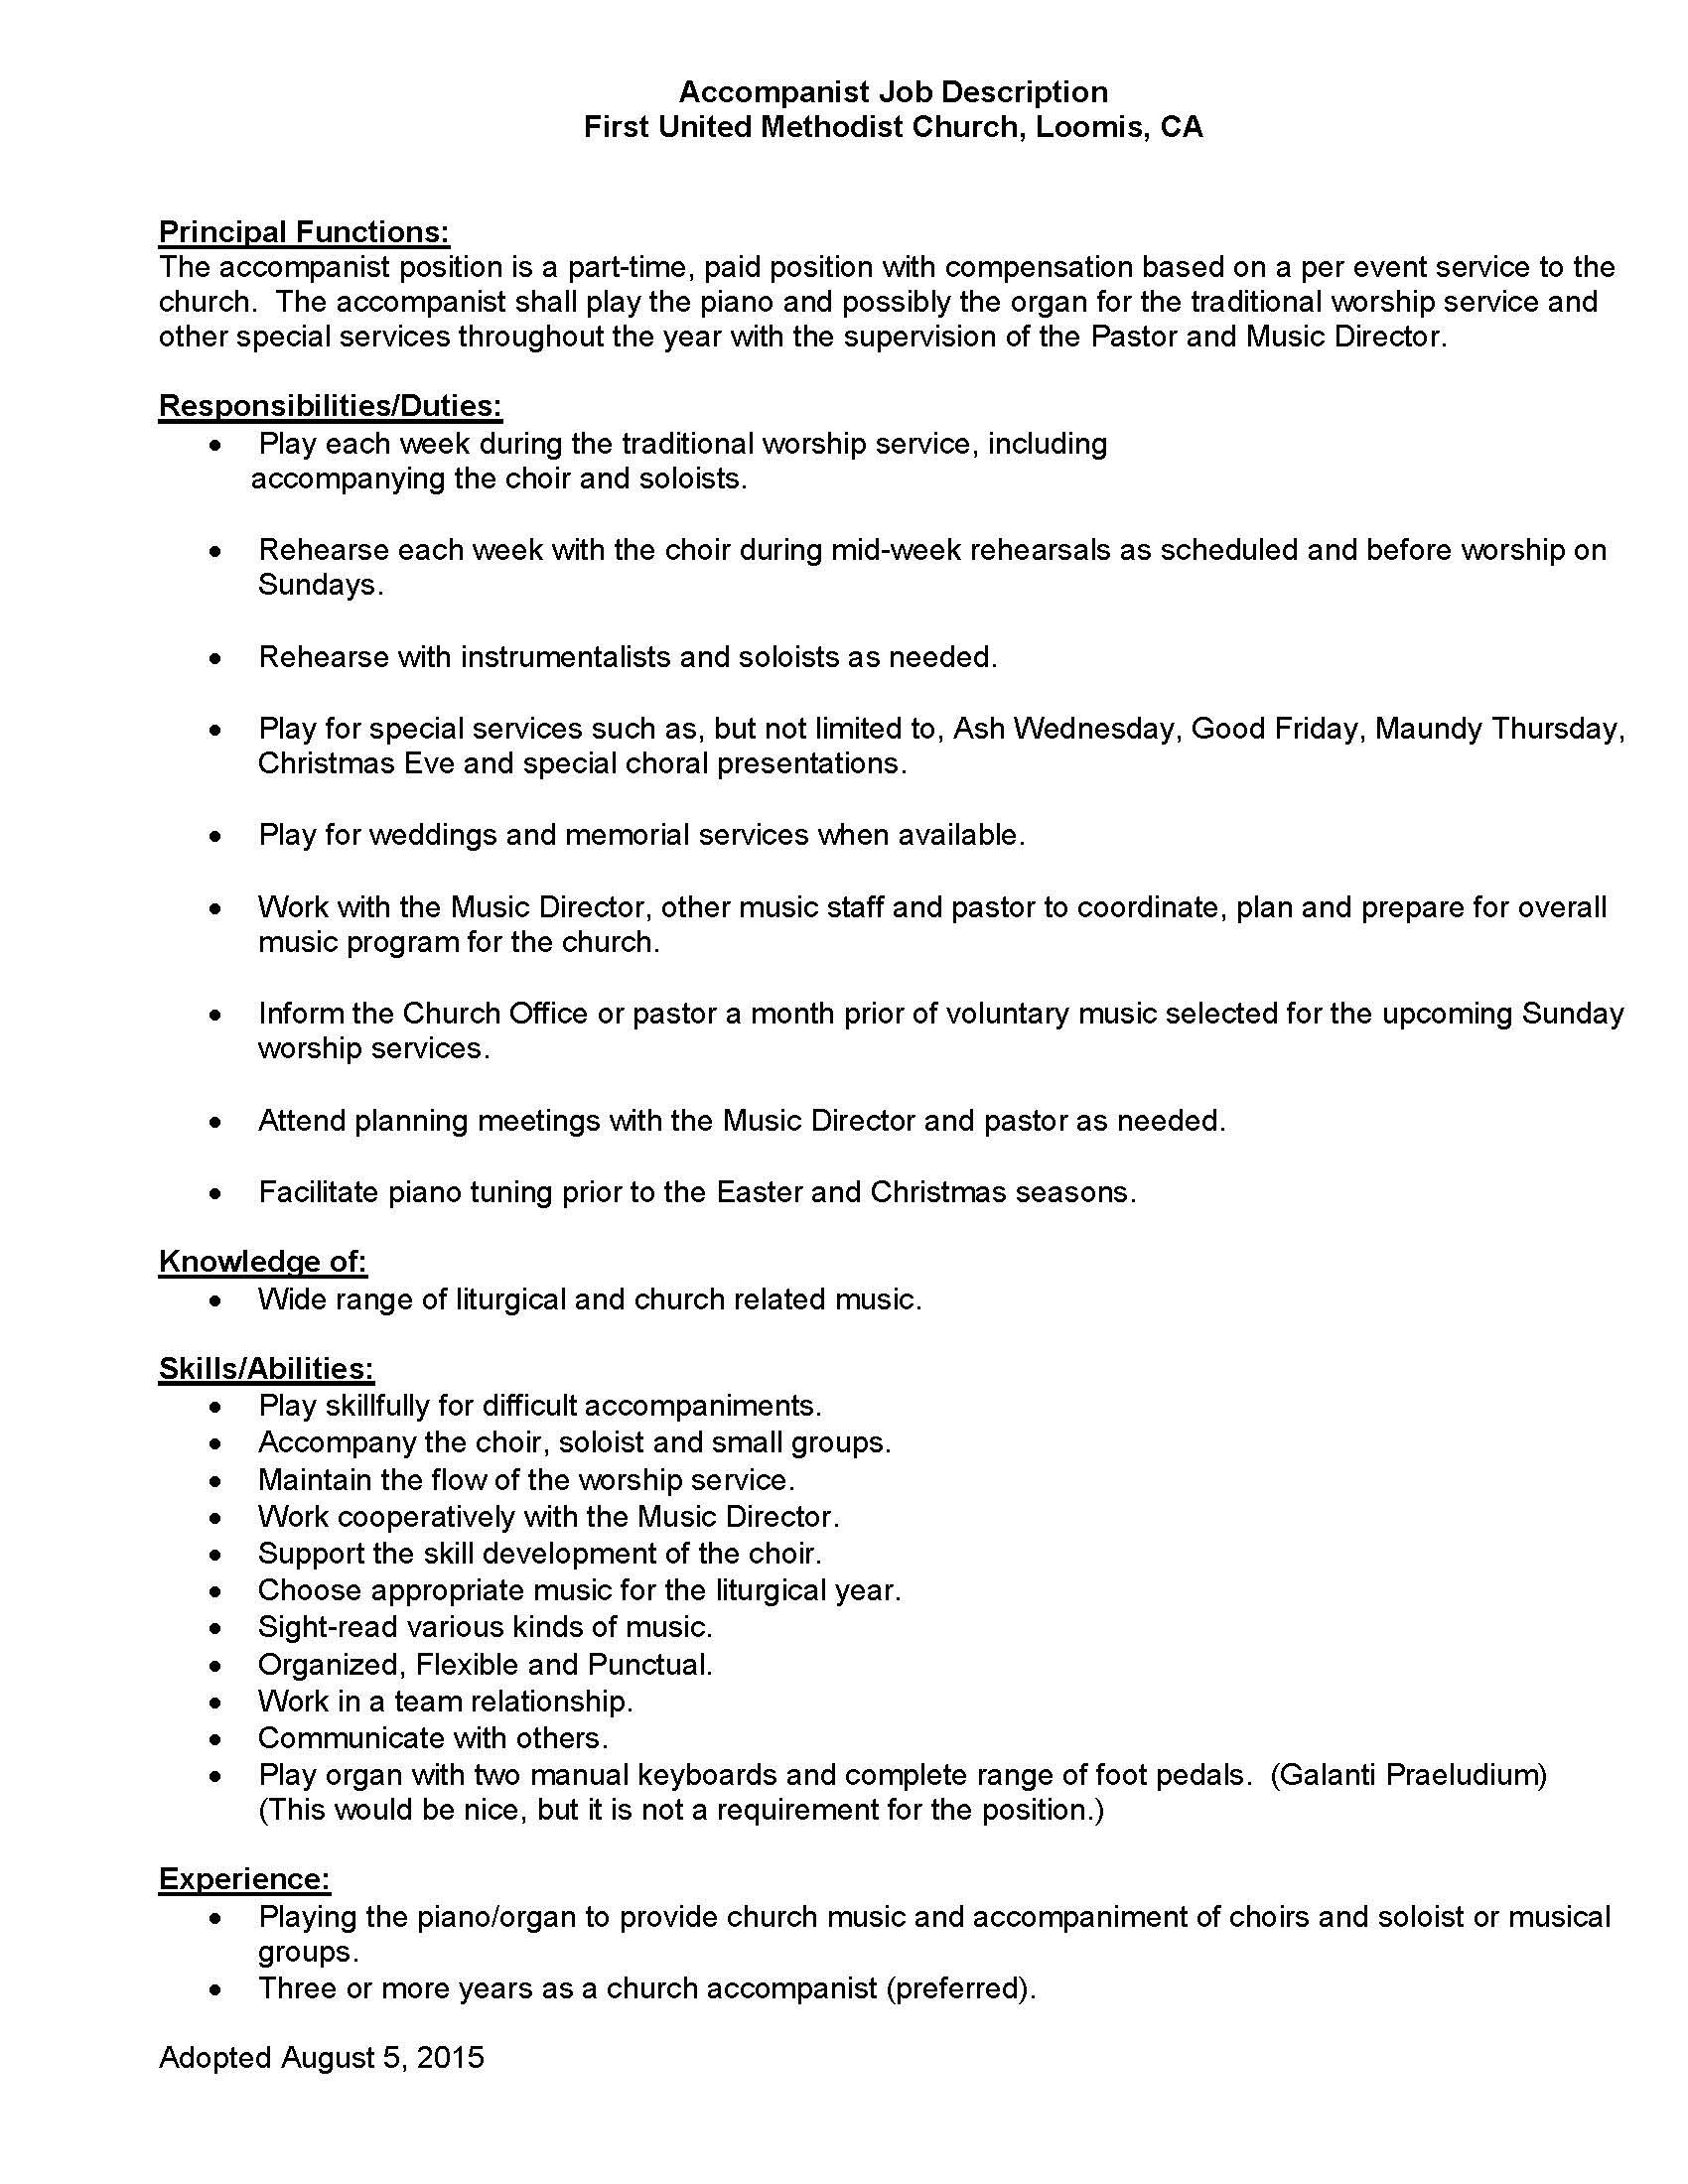 Accompanist Job Description August 2015 (1)